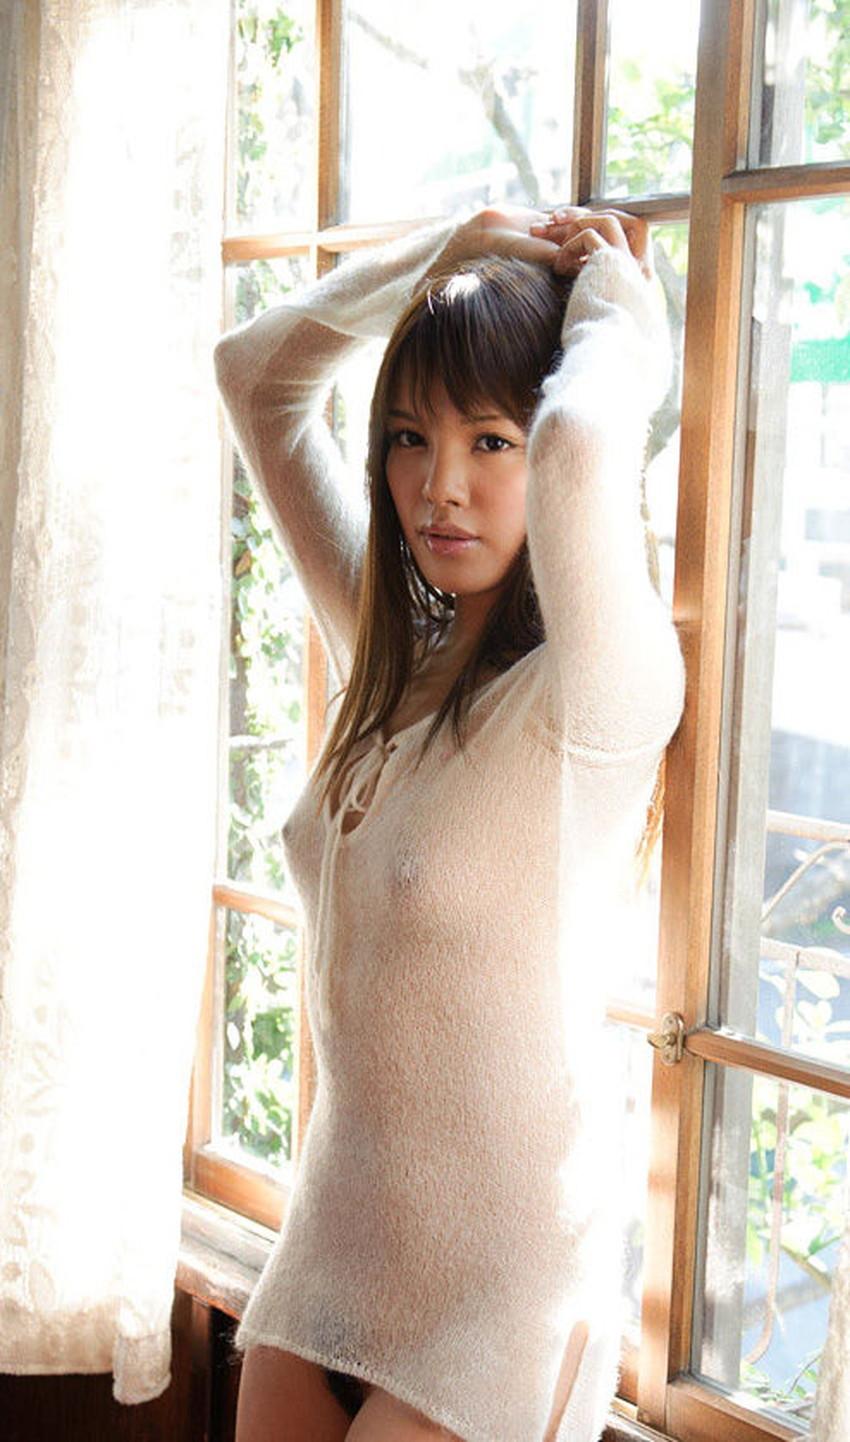 【ニット乳エロ画像】セーターやタートルネックが爆乳ではちきれそうなデカパイ女子達のニット乳のエロ画像集!ww【80枚】 64